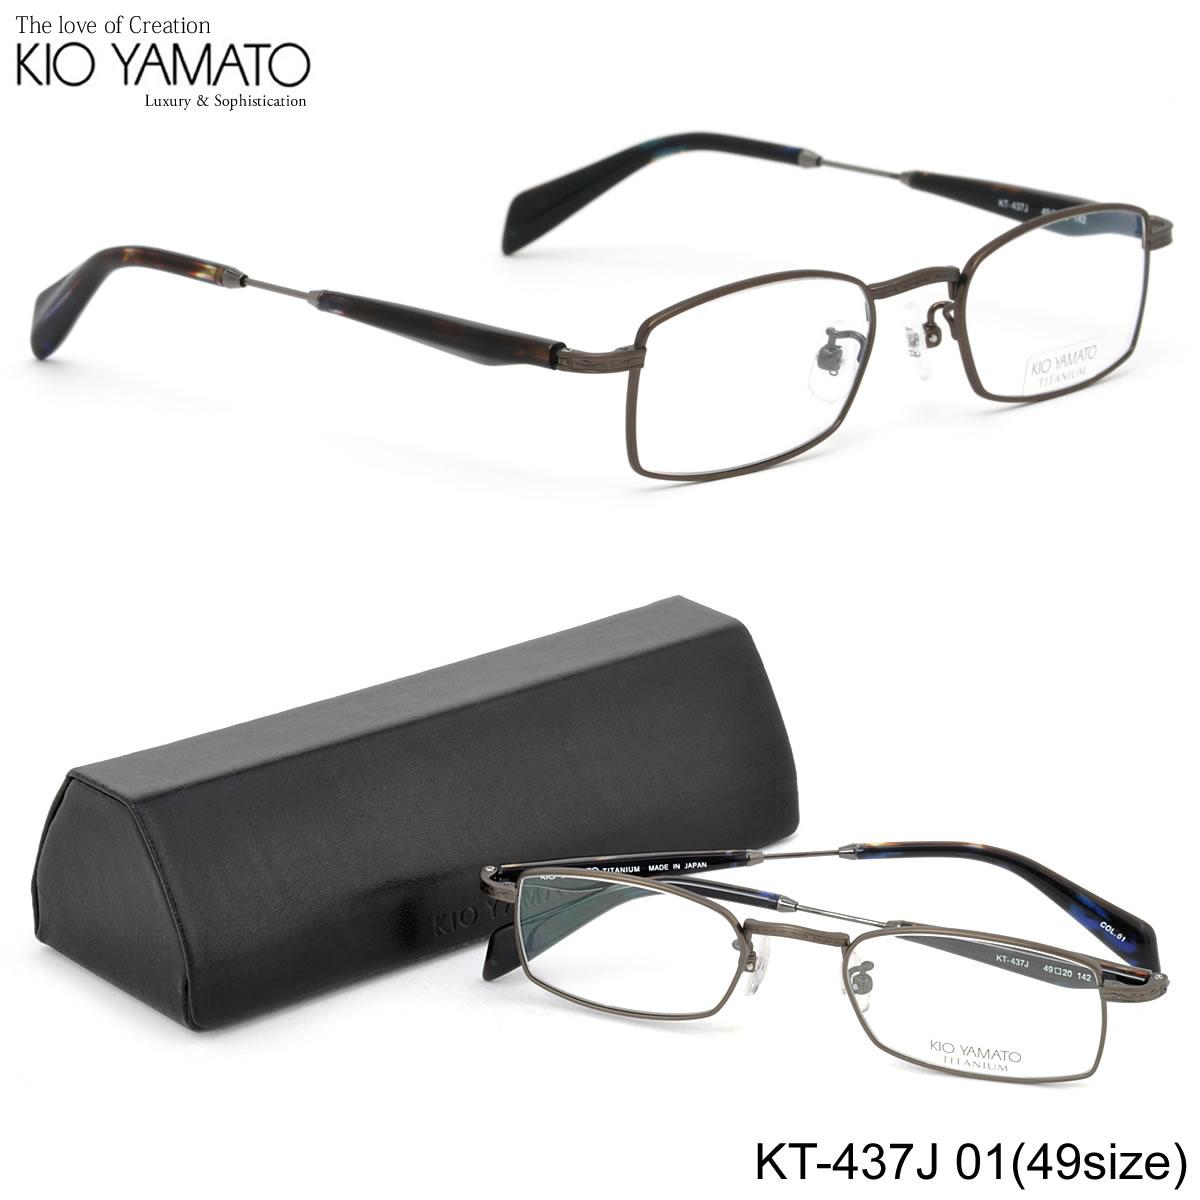 ポイント最大42倍!!お得なクーポンも !! 【KIO YAMATO】(キオヤマト) メガネ フレーム KT-437J 01 49サイズ ペンタゴン チタン 日本製 眼鏡 キオヤマト KIO YAMATO メンズ レディース